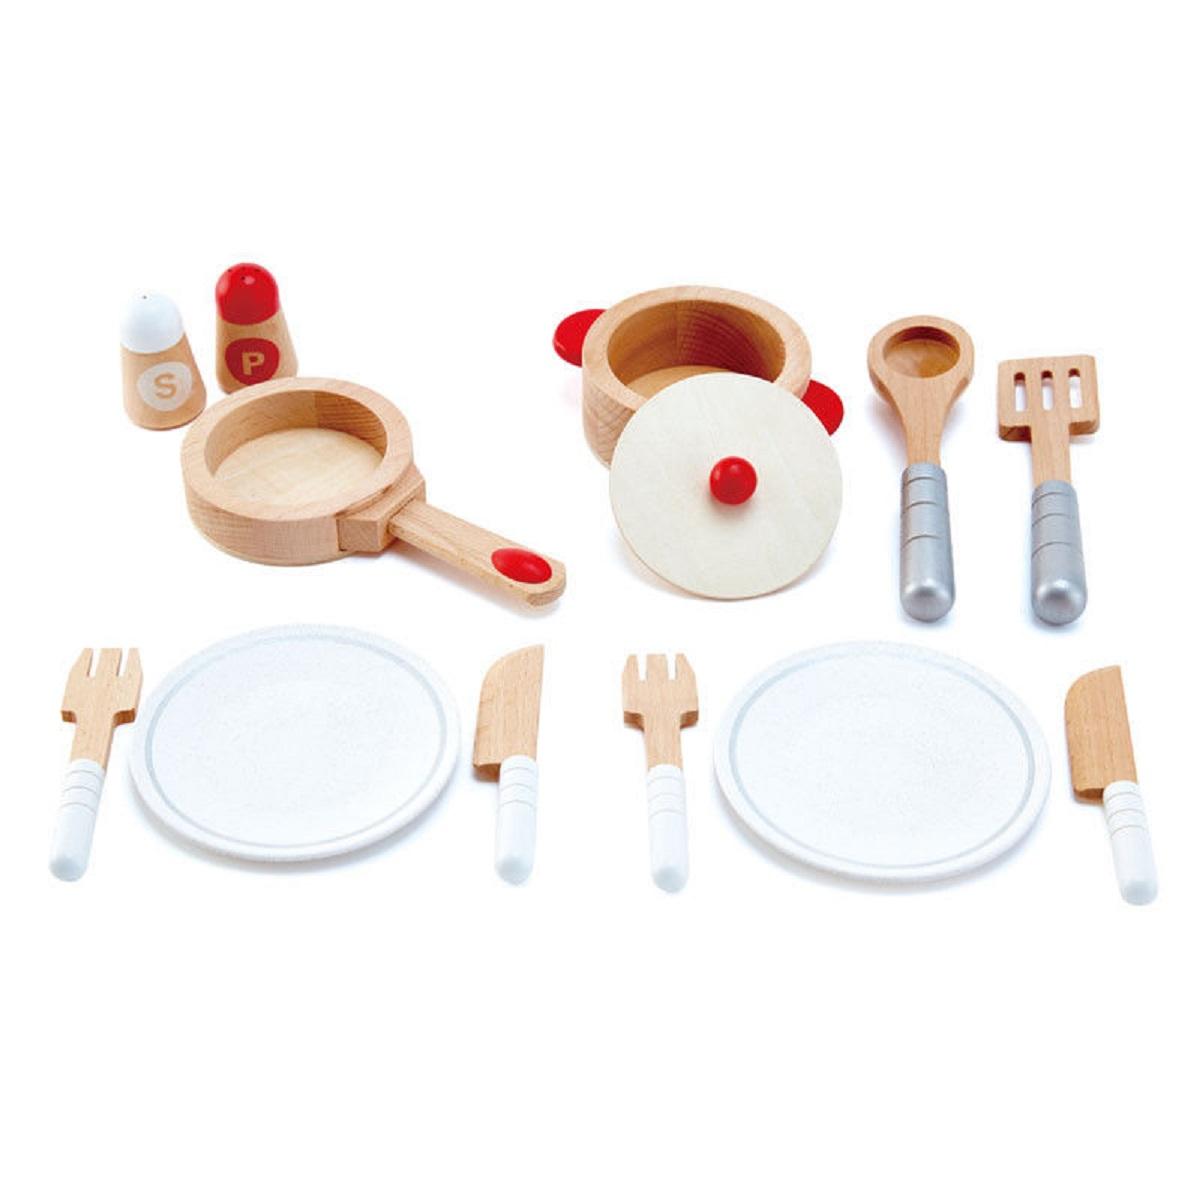 gourmet wooden kitchen starter set